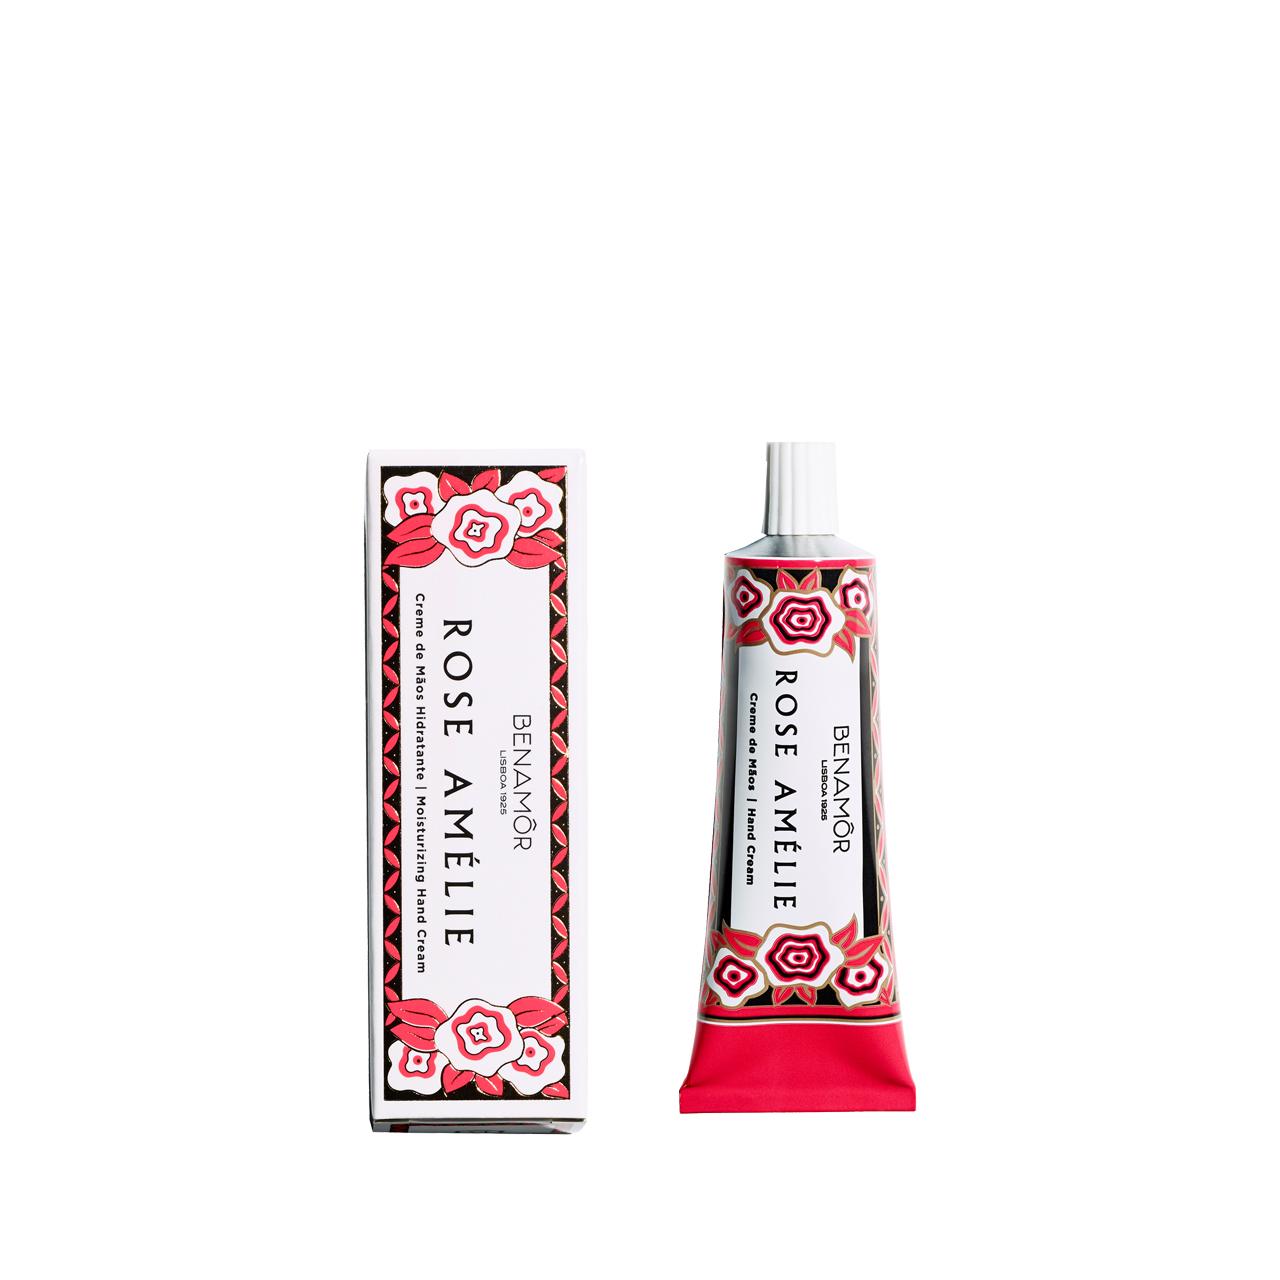 Rose Amélie - Hand Cream